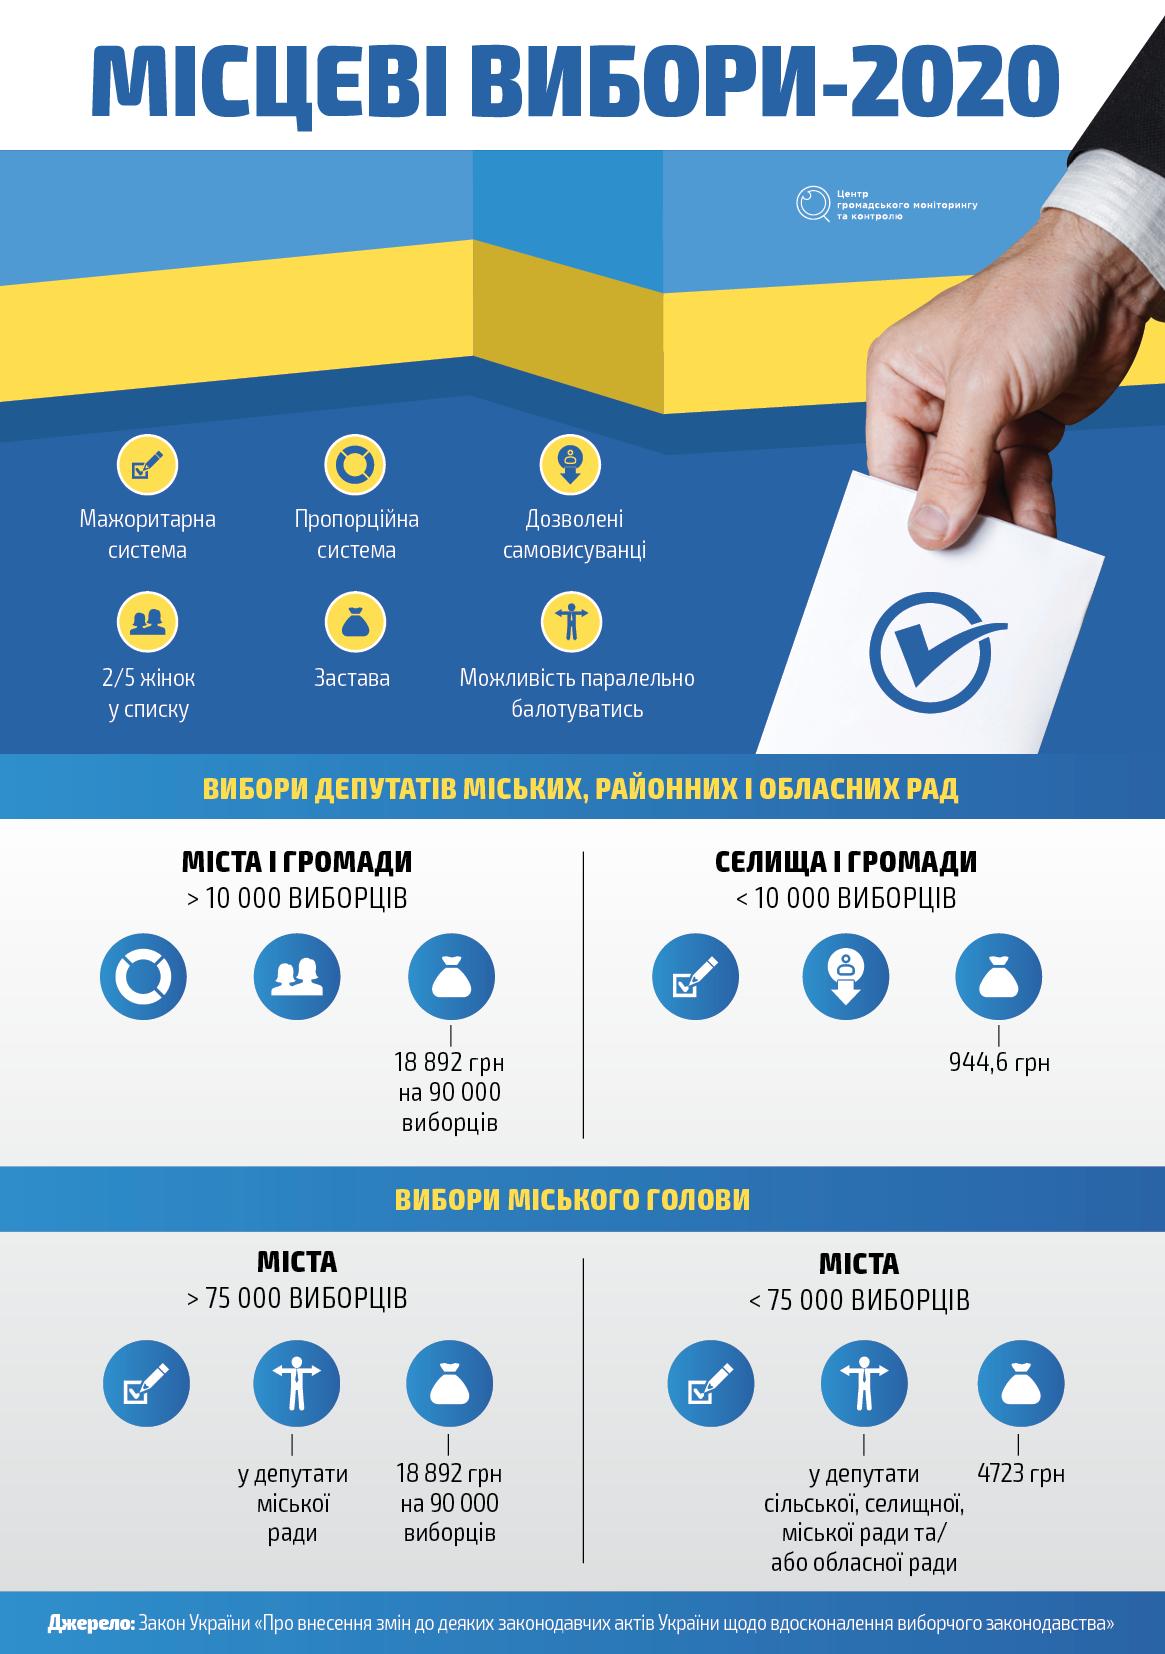 Що потрібно знати про місцеві вибори-2020? - ЦВК, Україна, місцеві вибори, виборче законодавство, вибори-2020 - Mistsevi vybory